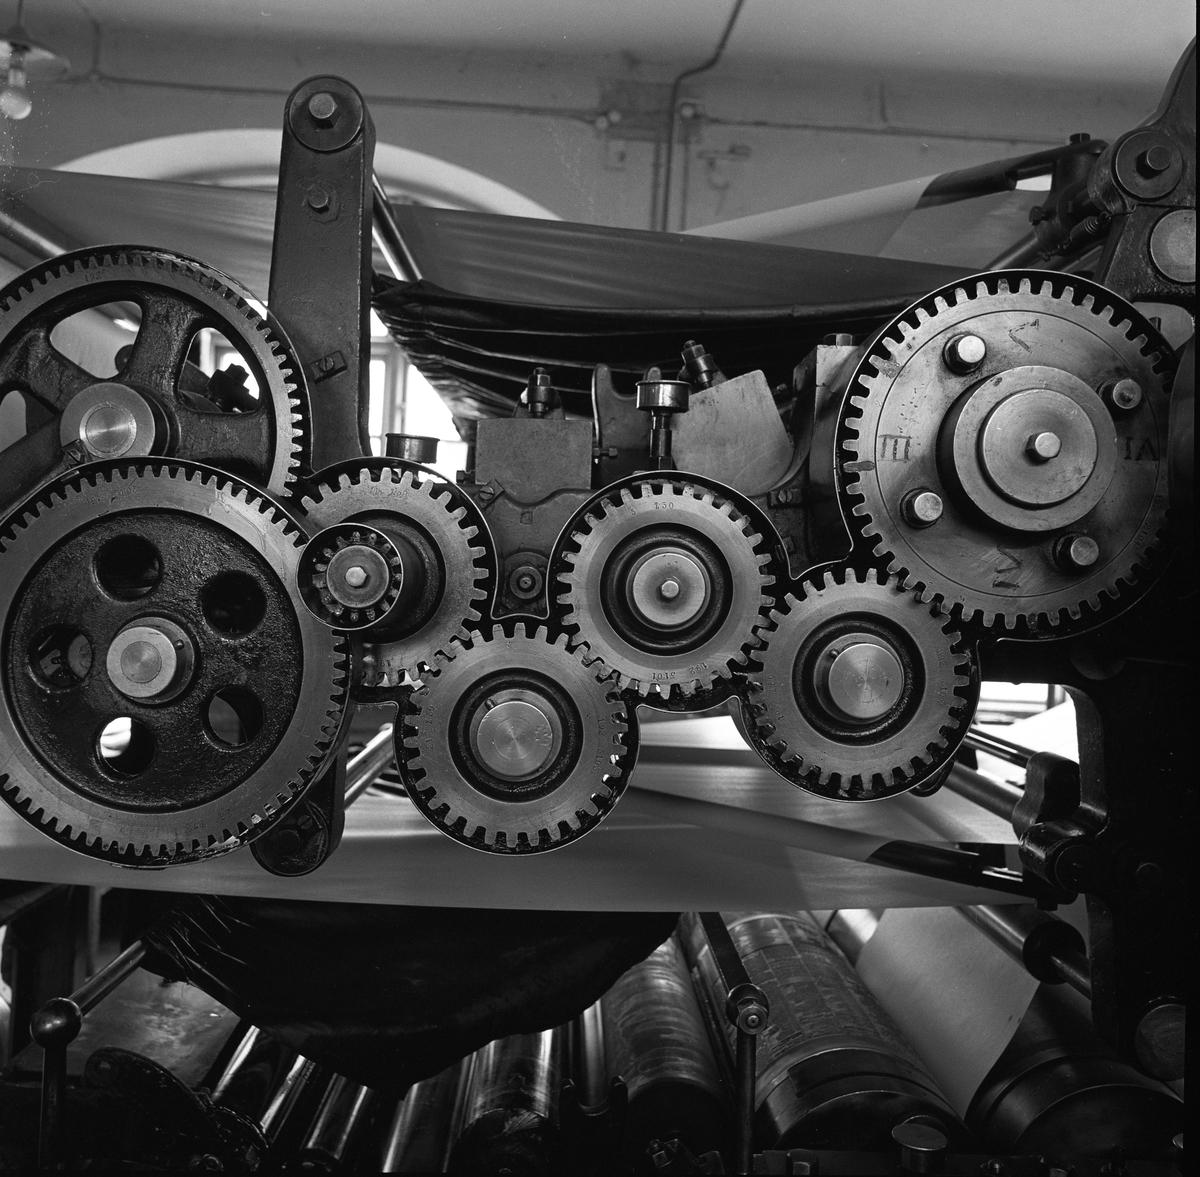 Arboga Tidning, interiör. Del av tryckpress. Kugghjul i närbild. Tidningspapperet löper upptill och nertill i bild.